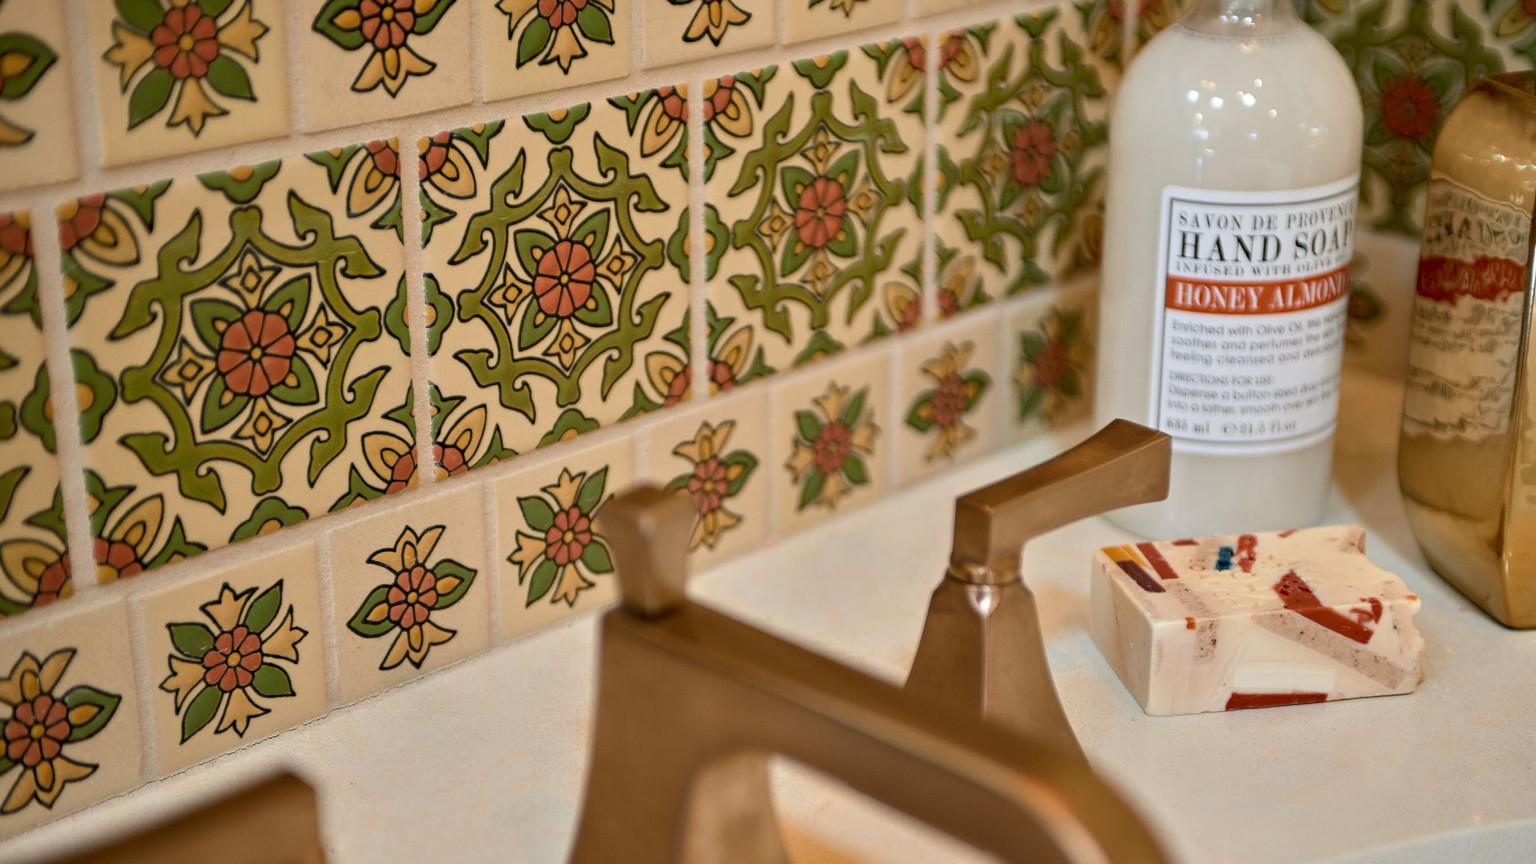 green oand orange painted spanish tiles in bathroom backsplash.jpg